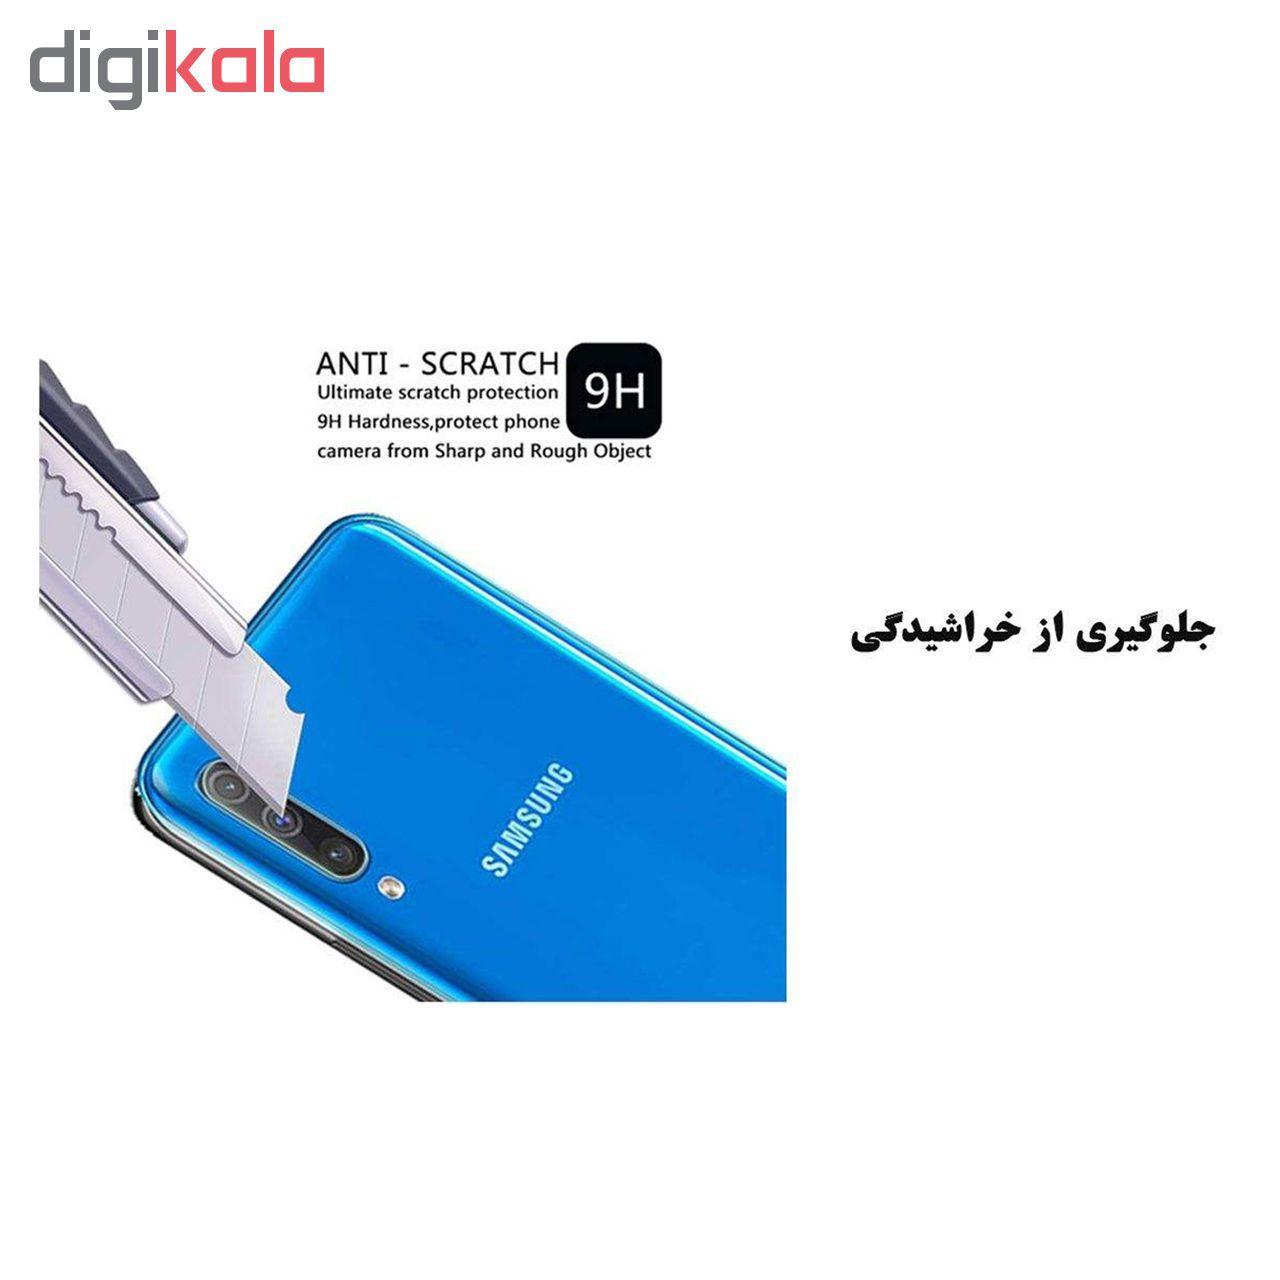 محافظ صفحه نمایش و پشت گوشی Hard and Thick مدل F-01 مناسب برای گوشی موبایل اپل Iphone X/Xs به همراه محافظ لنز دوربین main 1 11